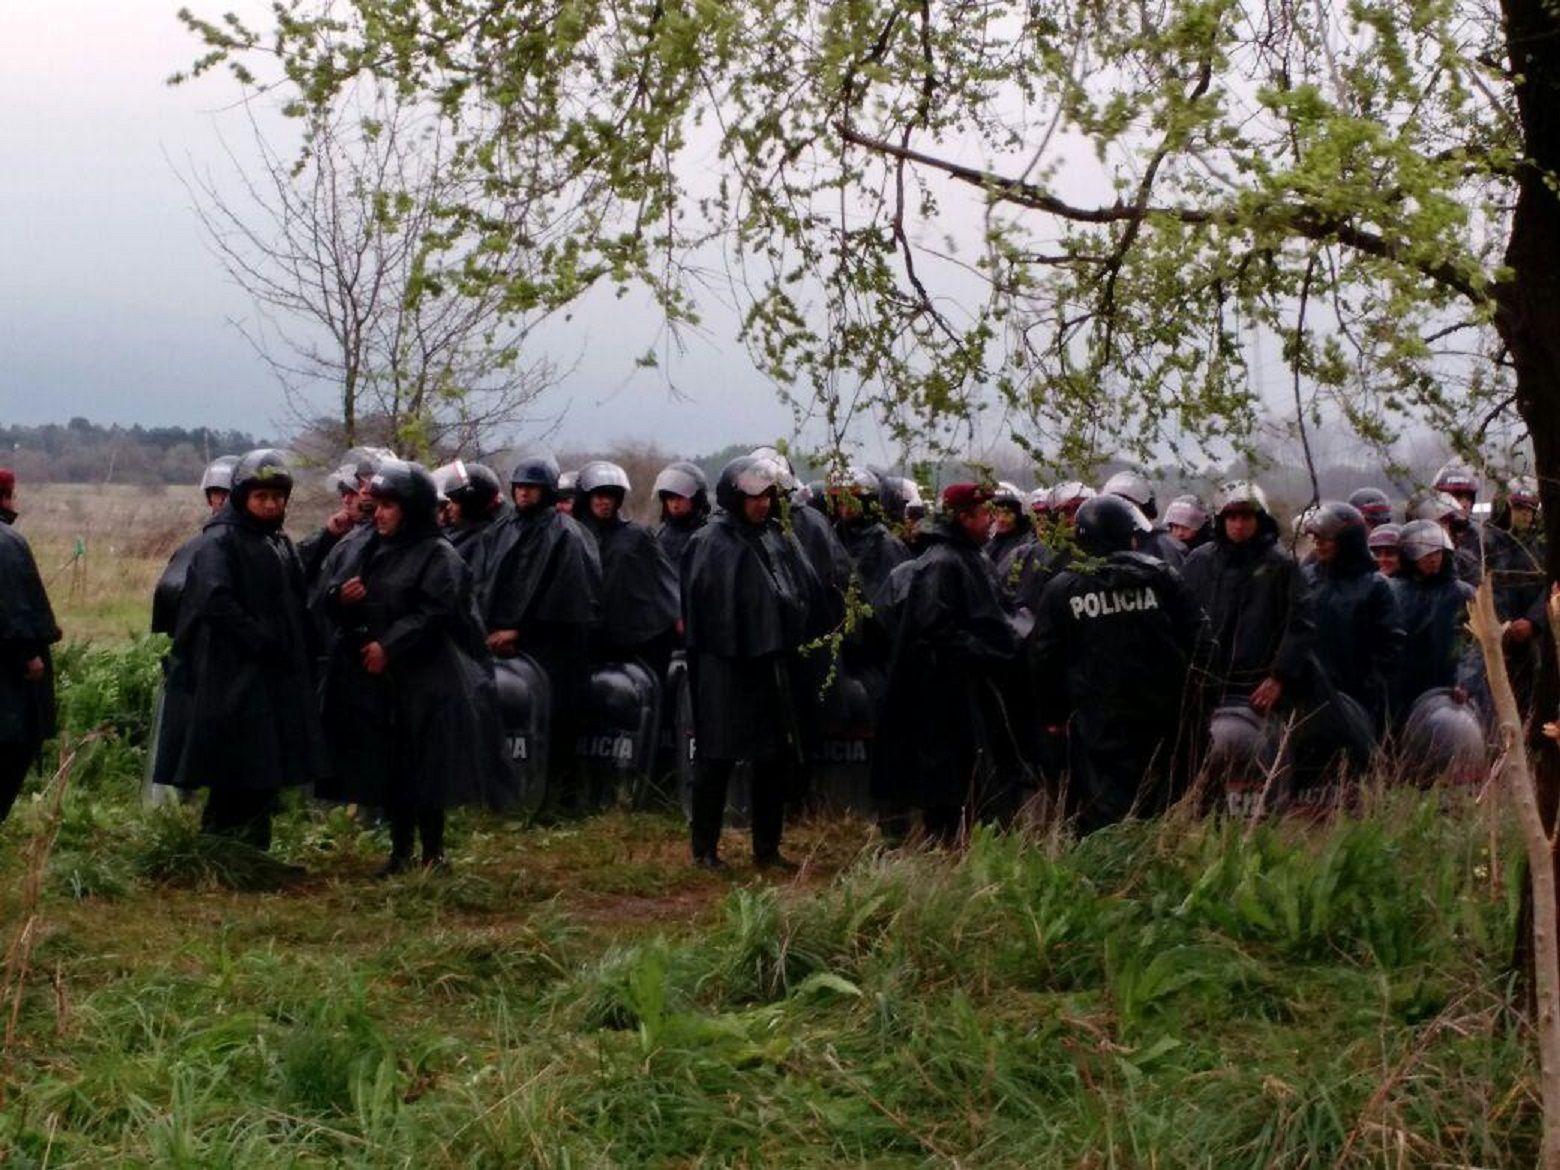 La Policía bonaerense desalojó el predio tomado de Moreno